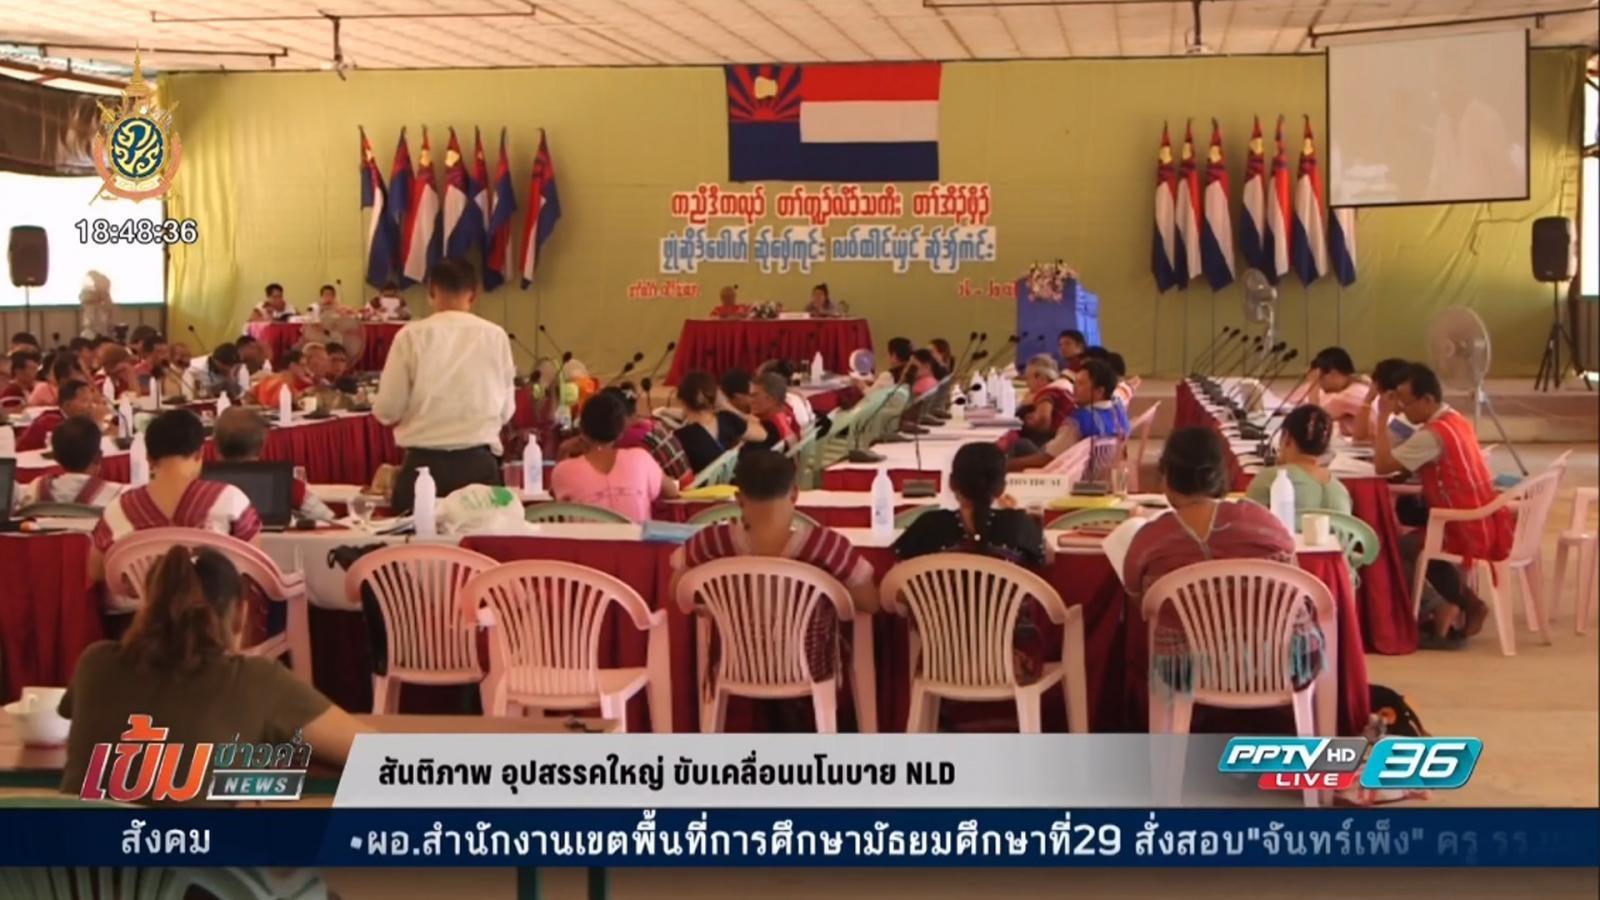 ไร้สันติภาพ อุปสรรคใหญ่ ขับเคลื่อนนโนบาย NLD